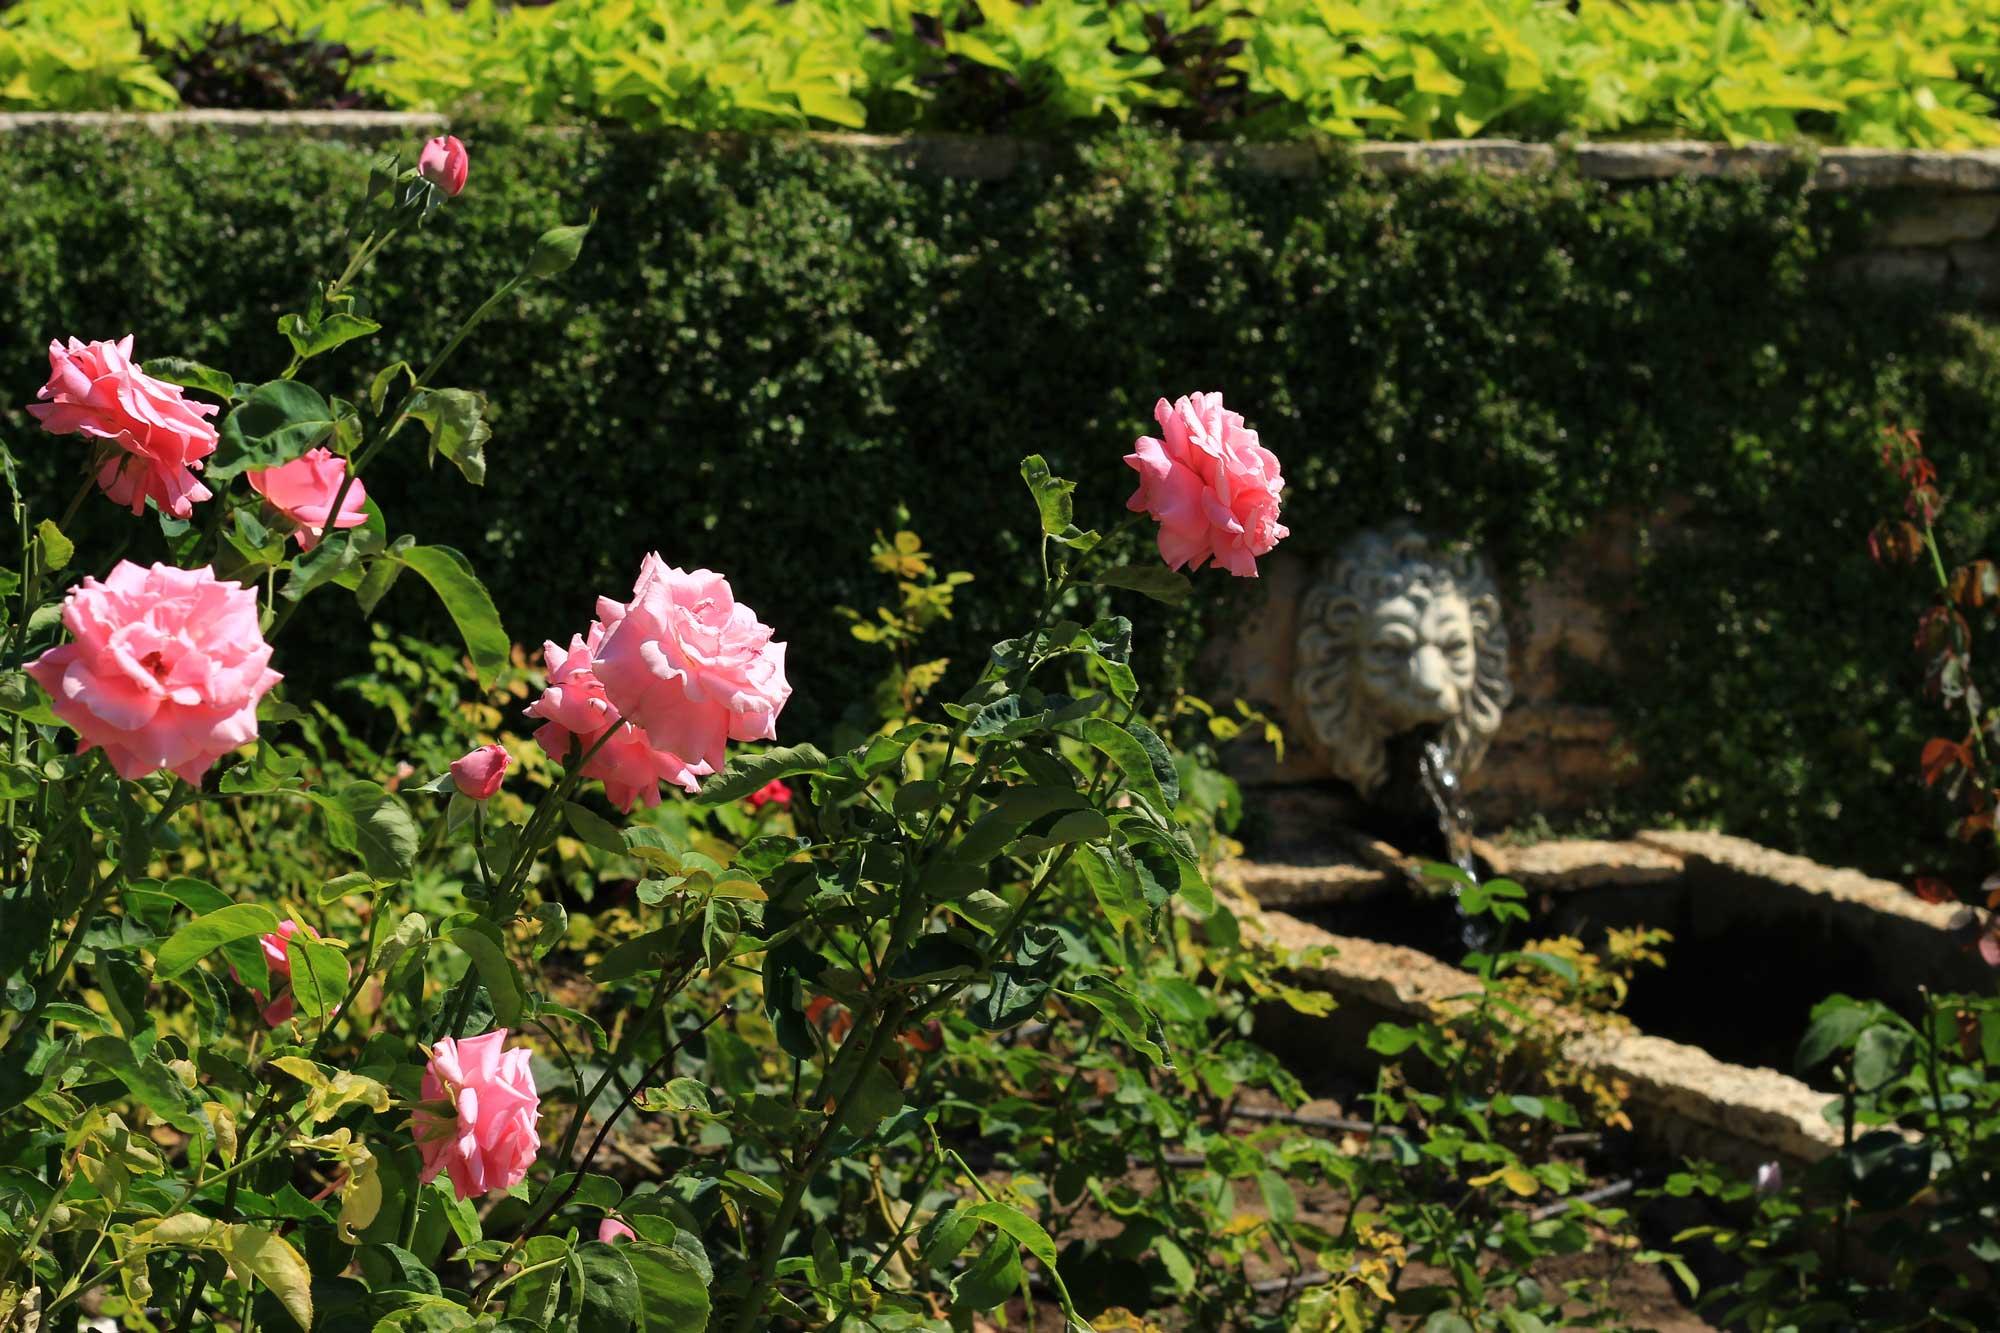 розами усыпан весь ботанический сад